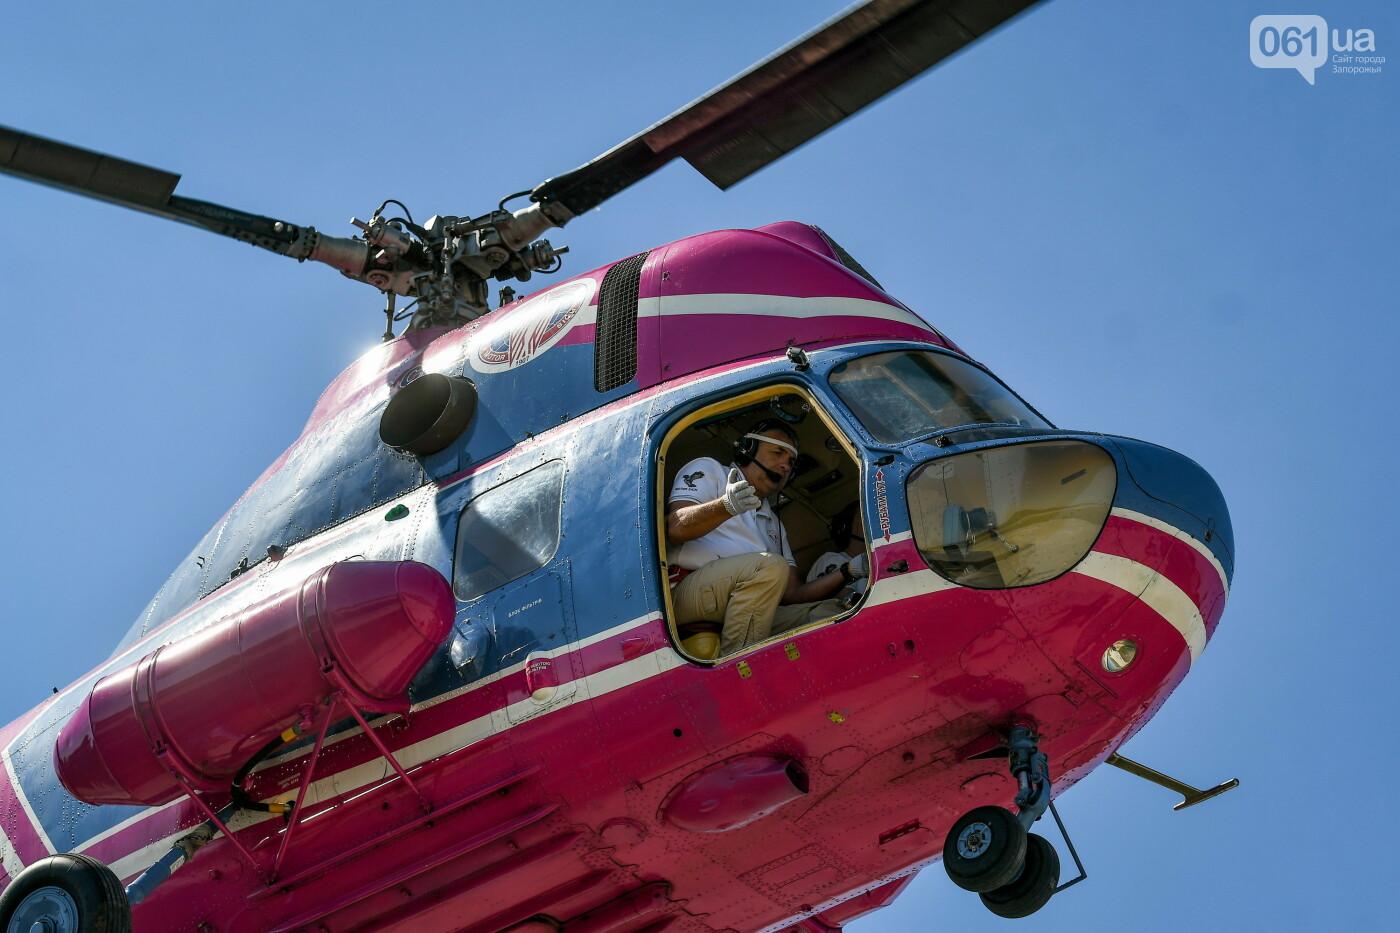 В Запорожье проходят соревнования по вертолетному спорту, - ФОТОРЕПОРТАЖ, фото-7